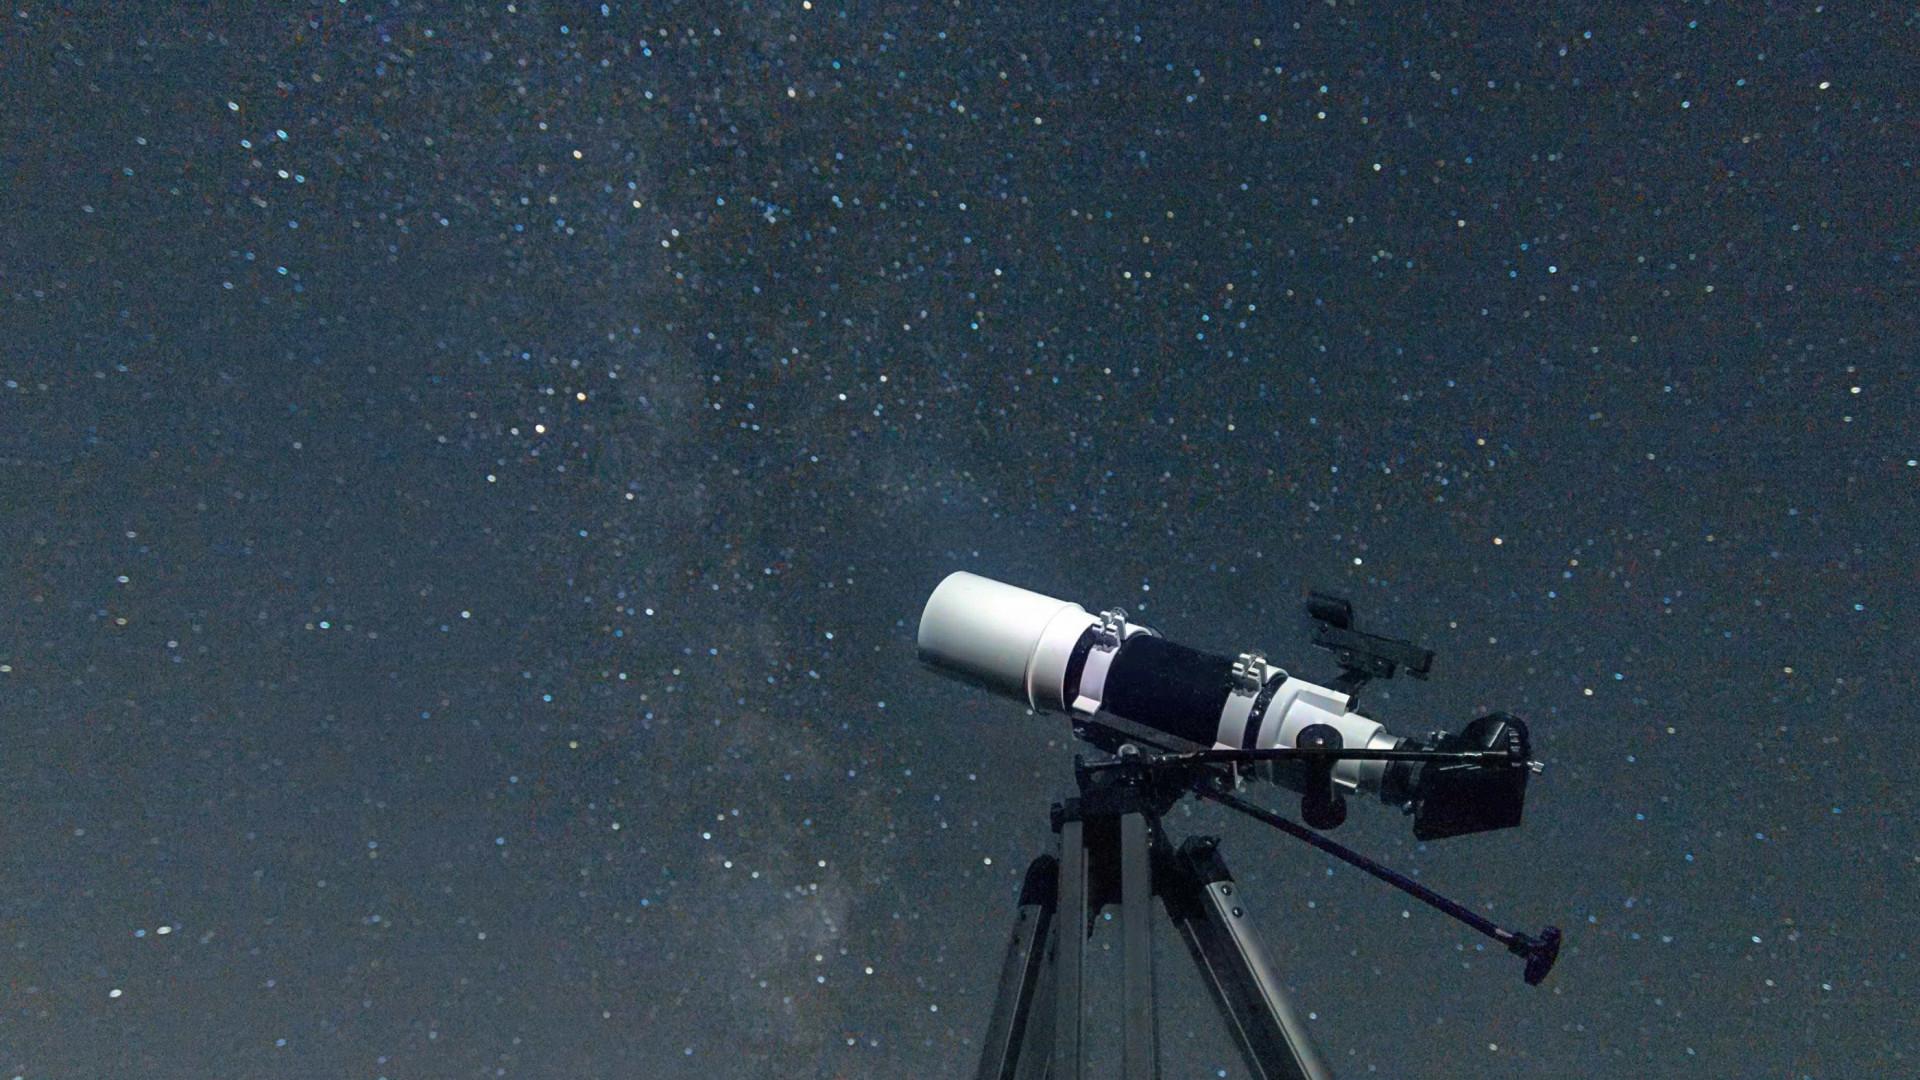 Identificadas algumas das galáxias mais antigas 'perto' da Via Láctea